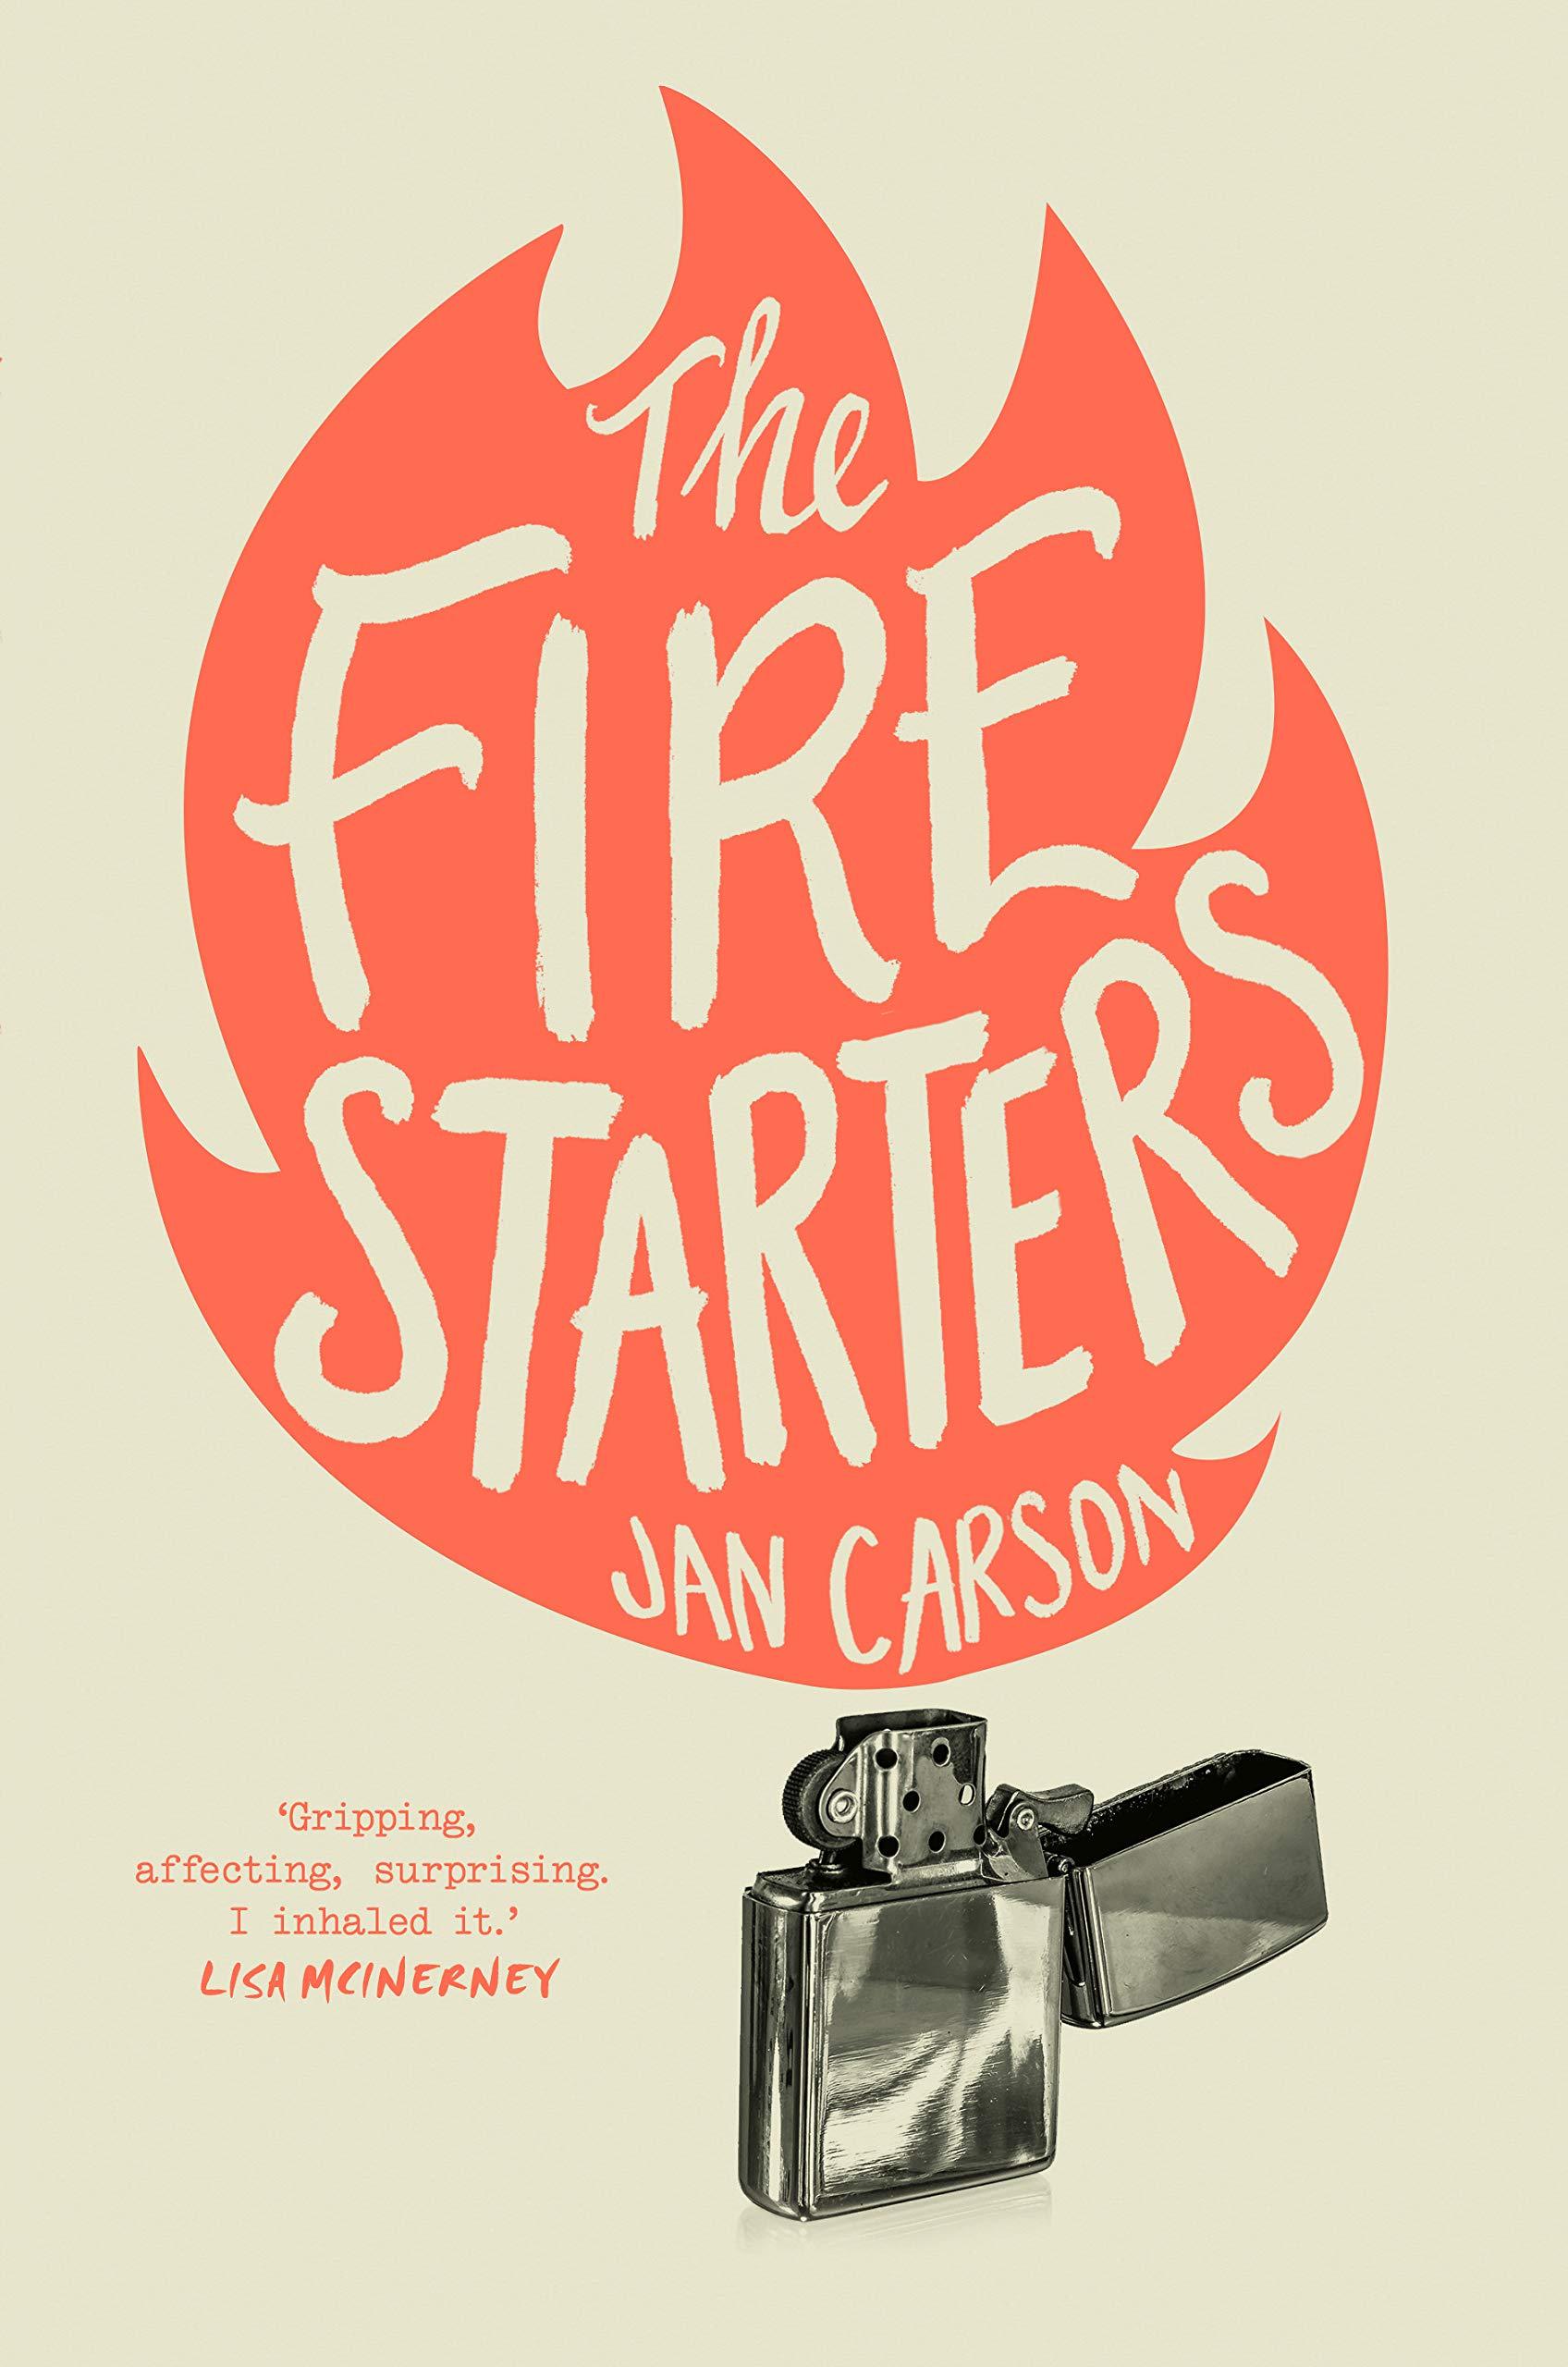 The Fire Starters: Carson, Jan: 9781781620465: Books - Amazon.ca